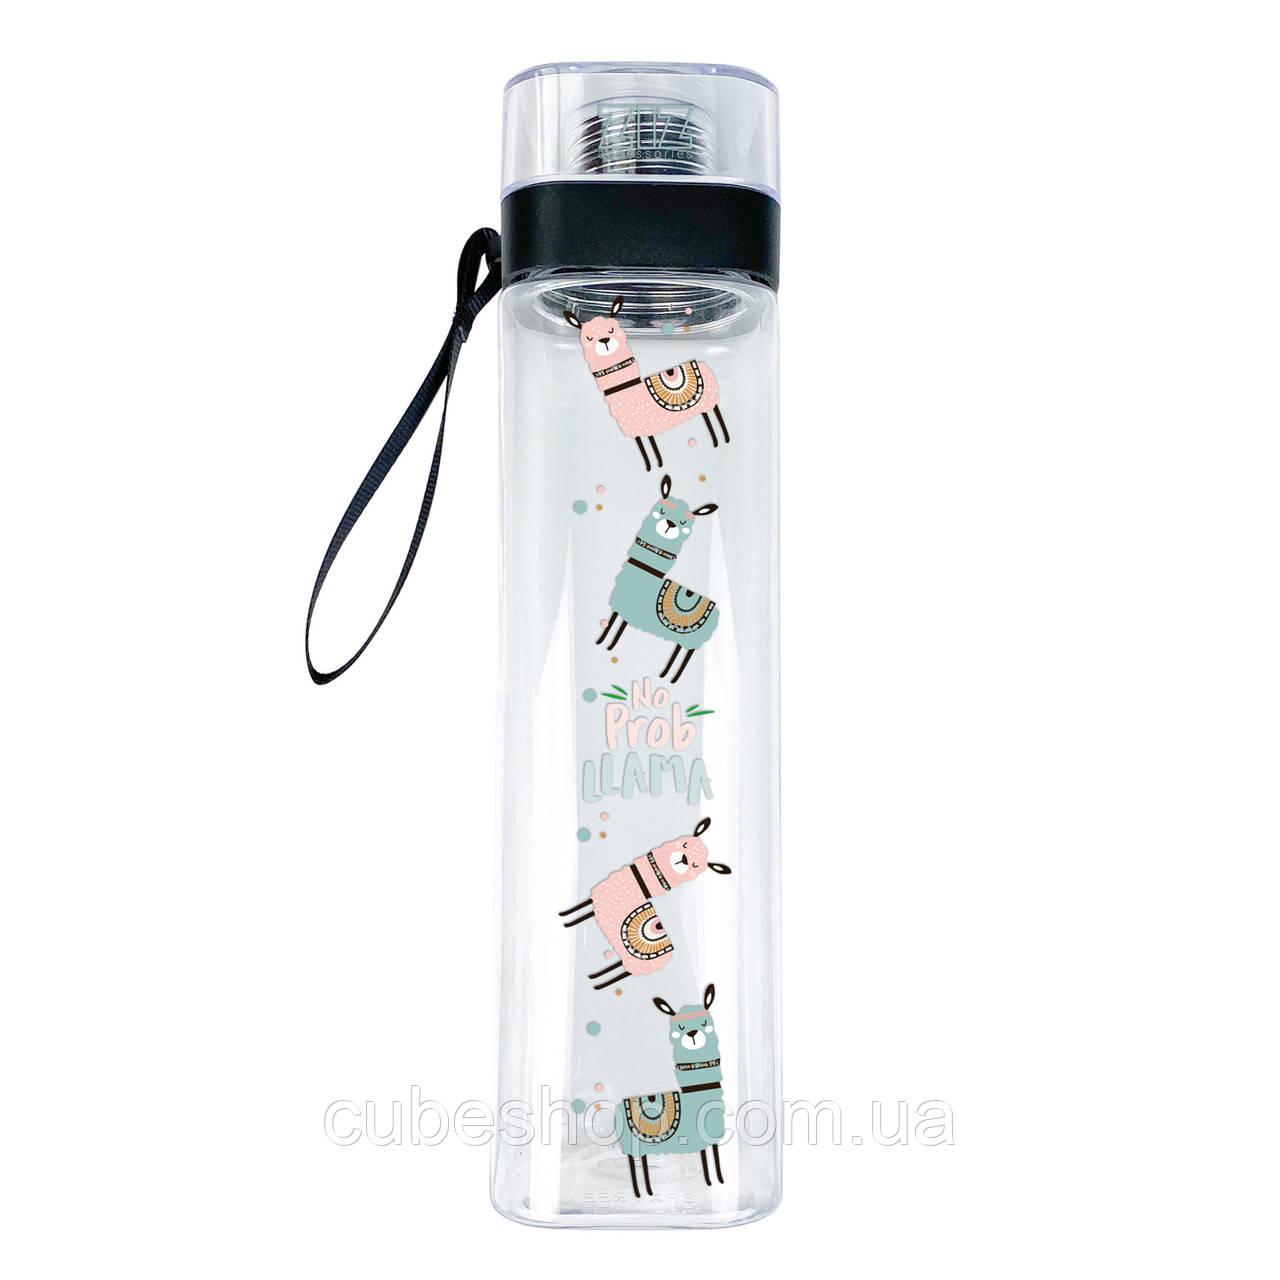 """Бутылка для воды ZIZ """"Не проблама"""" (700 мл)"""